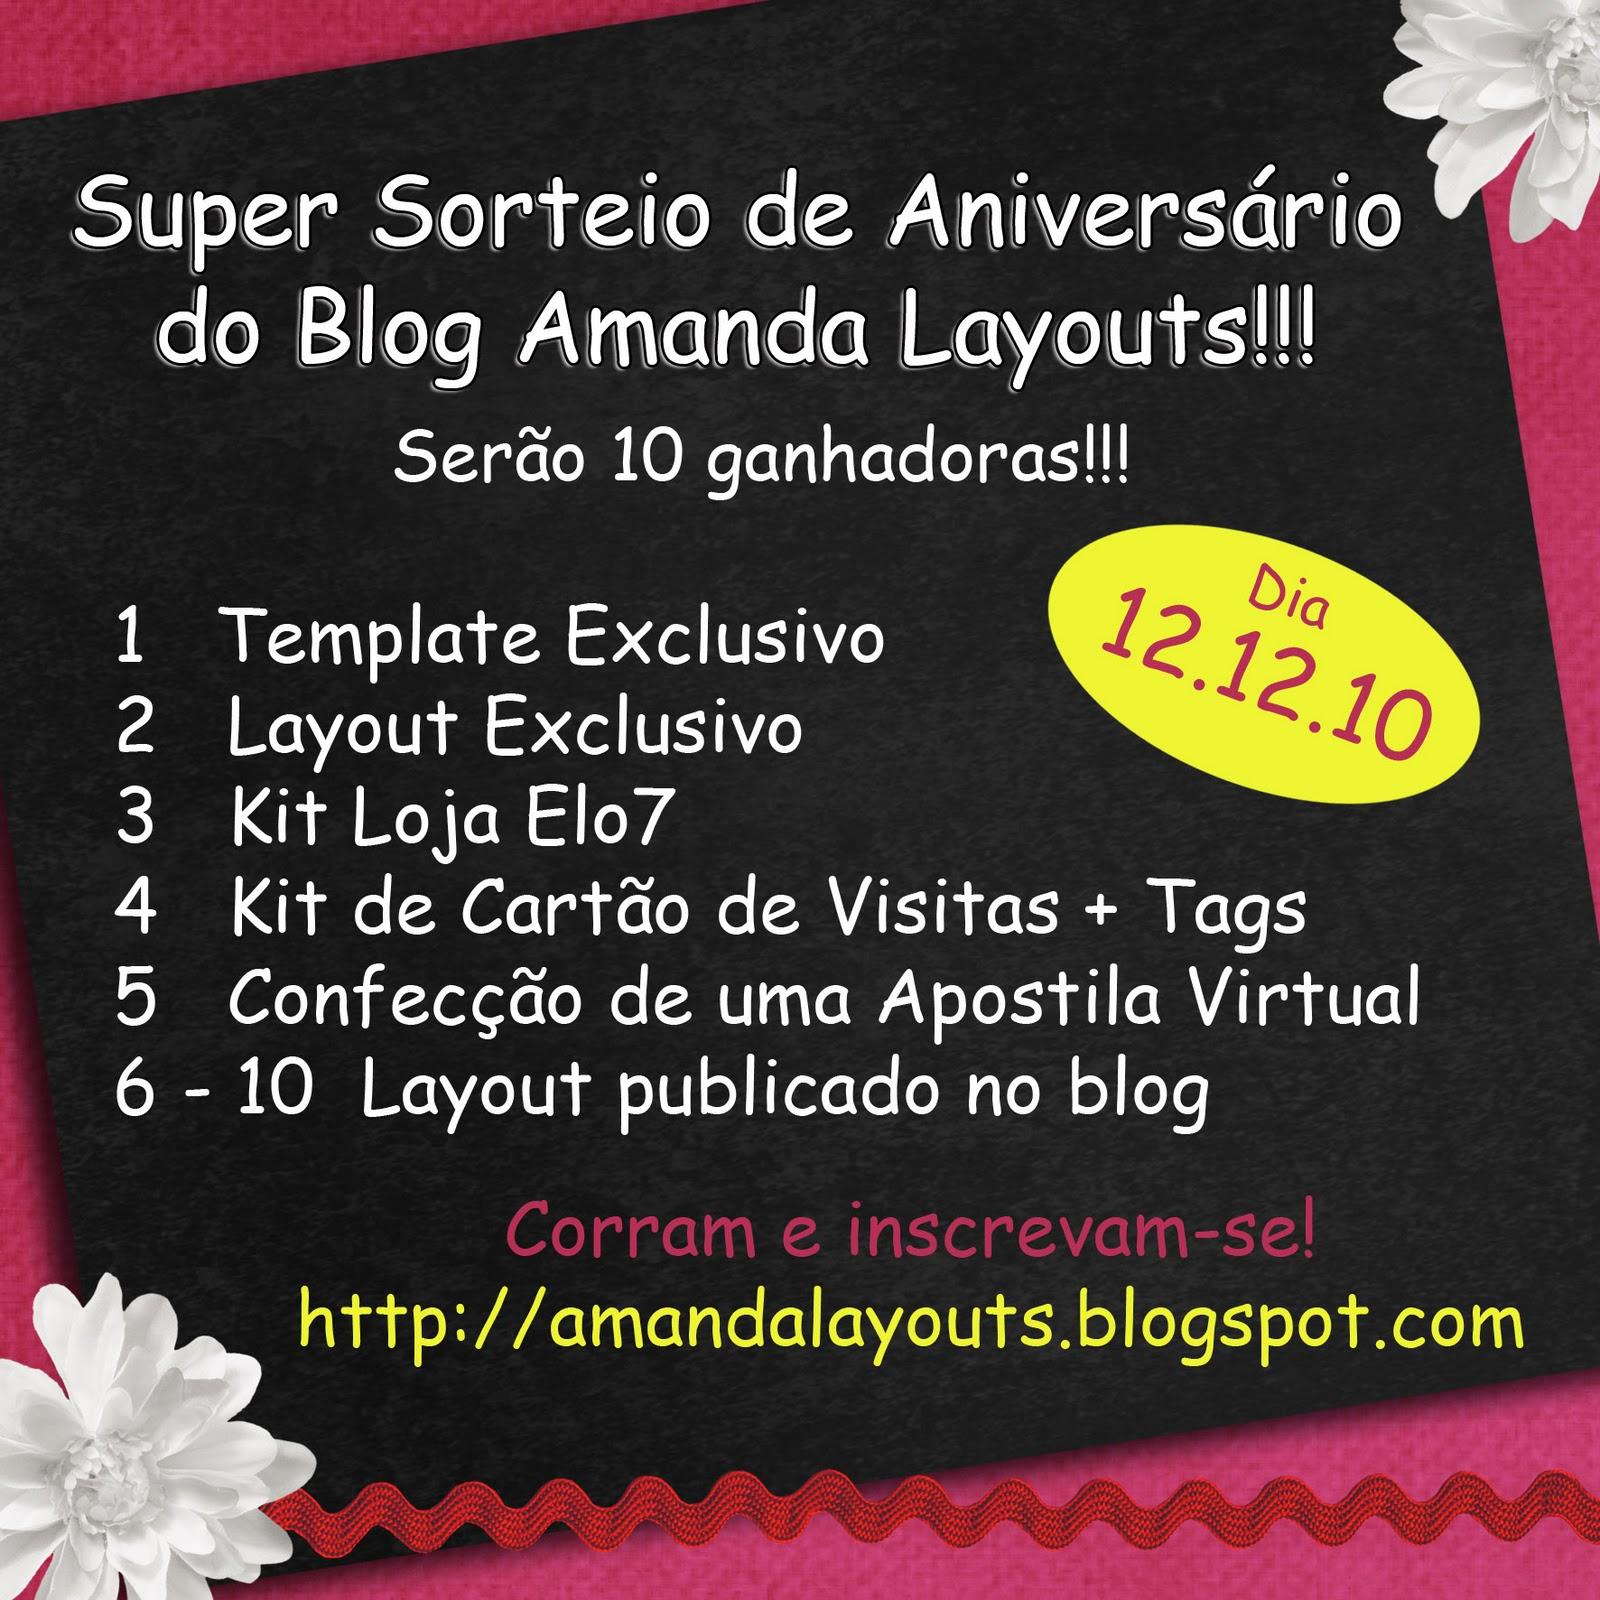 http://3.bp.blogspot.com/_b9sCR2fsuqU/TMUg97SSX6I/AAAAAAAAEv8/Kw25jNtq3Y0/s1600/TAG+DO+SORTEIO.jpg